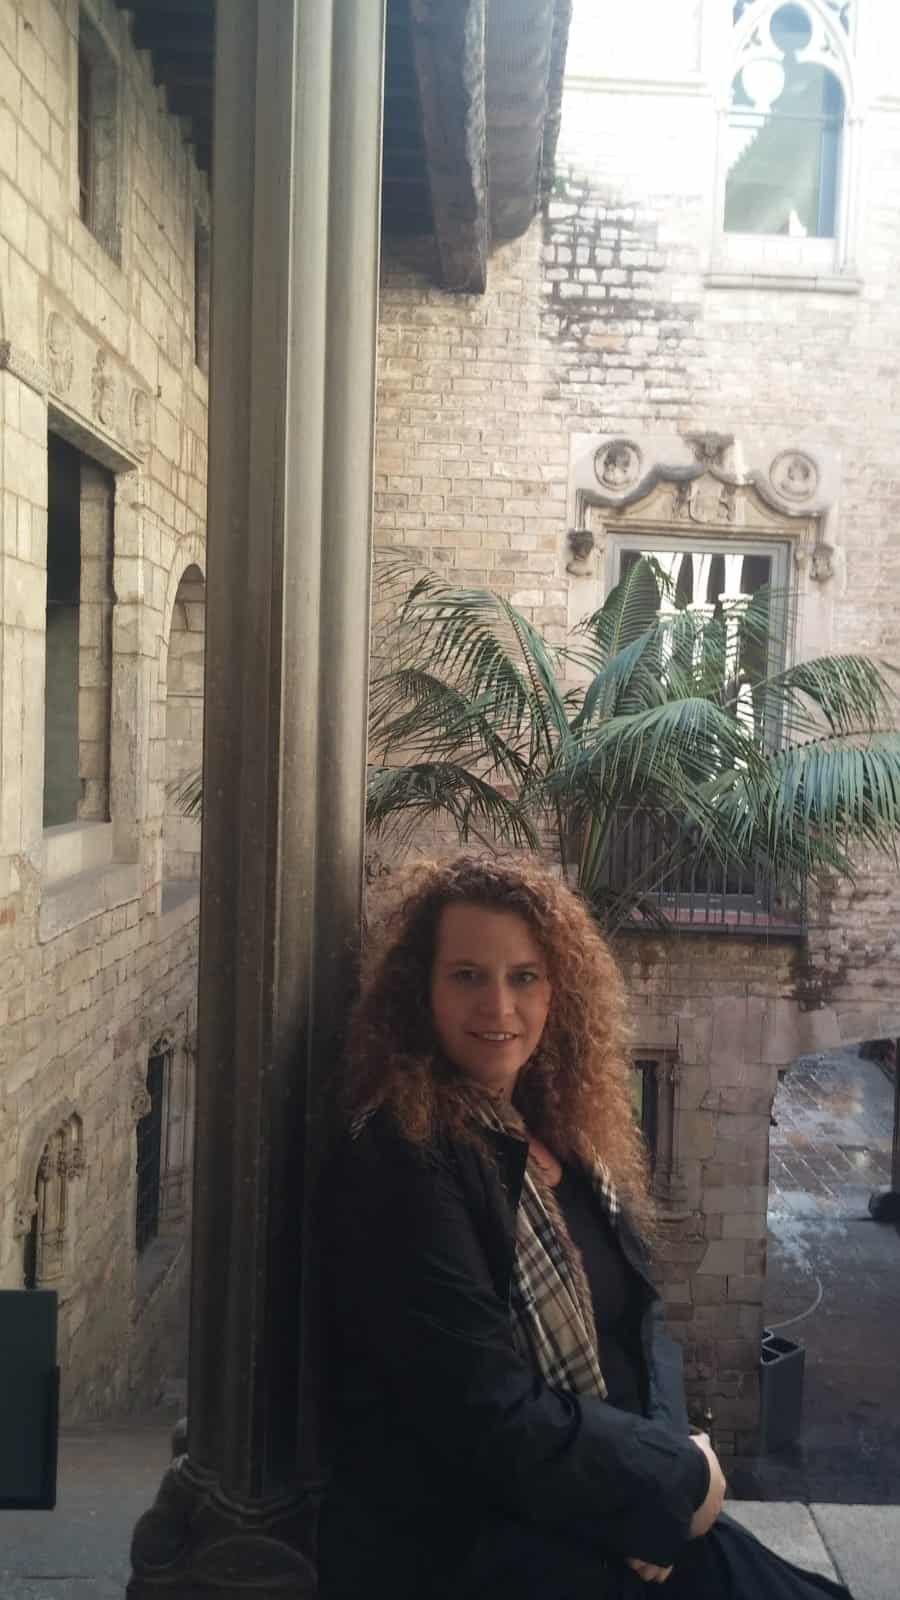 מירב שניידר בוחרת אילני, צילום: פרטי